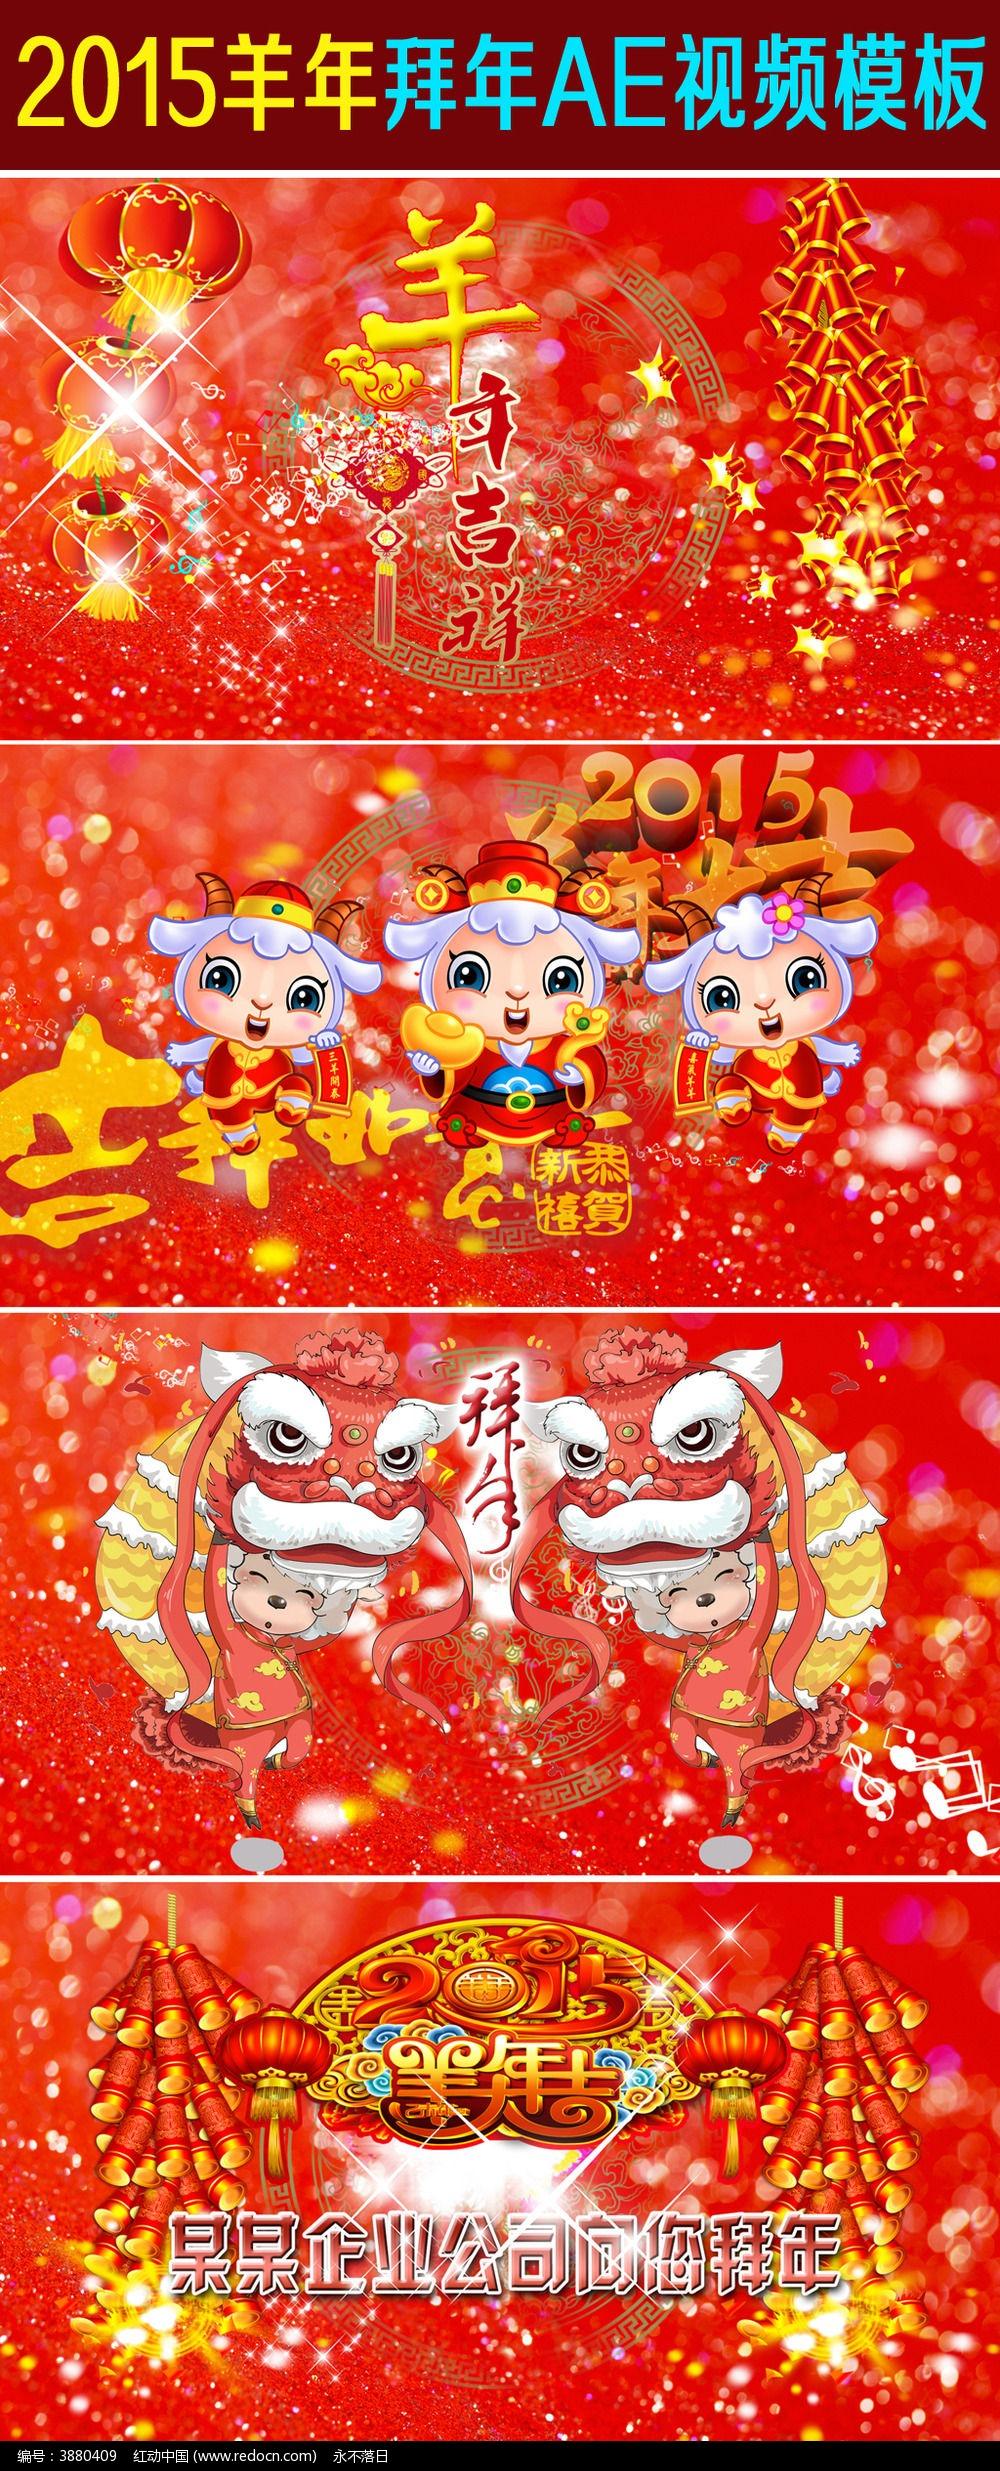 2015羊年拜年视频模板